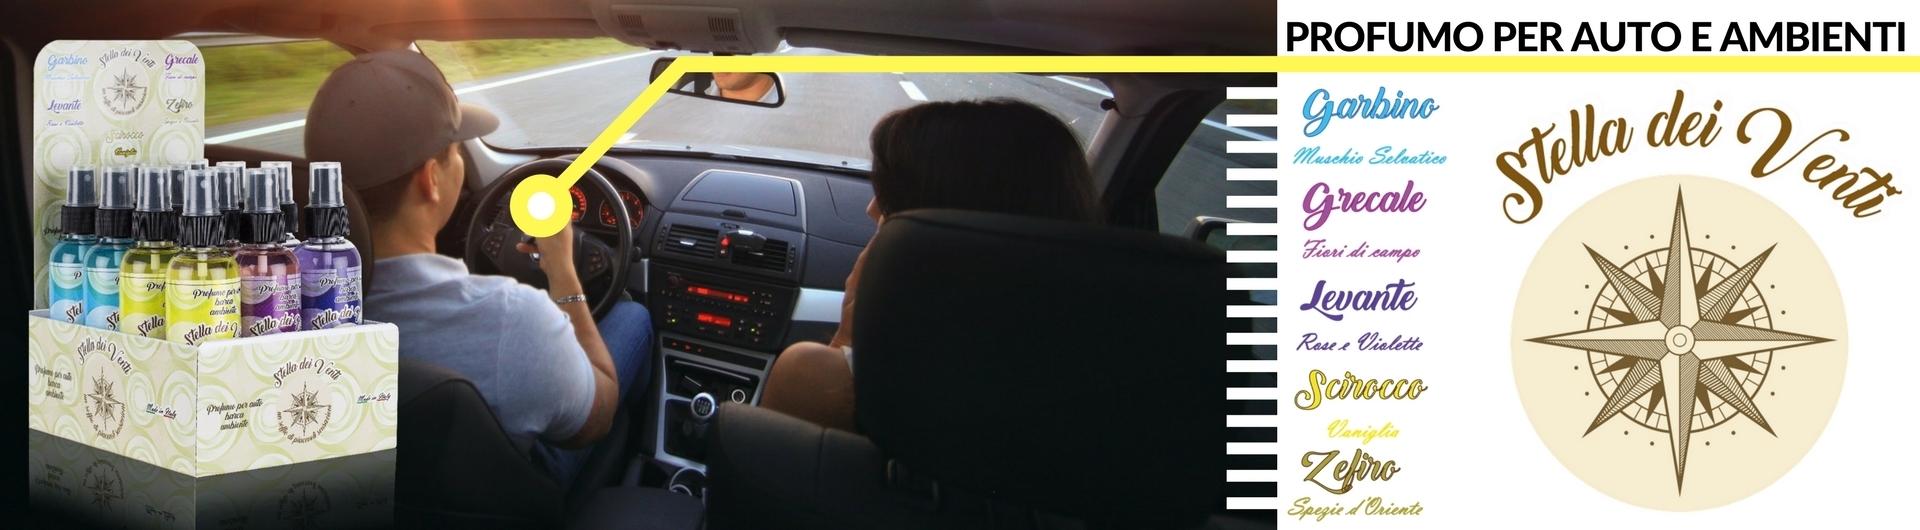 Stella dei Venti, profumo per auto e ambienti | MotorSistem